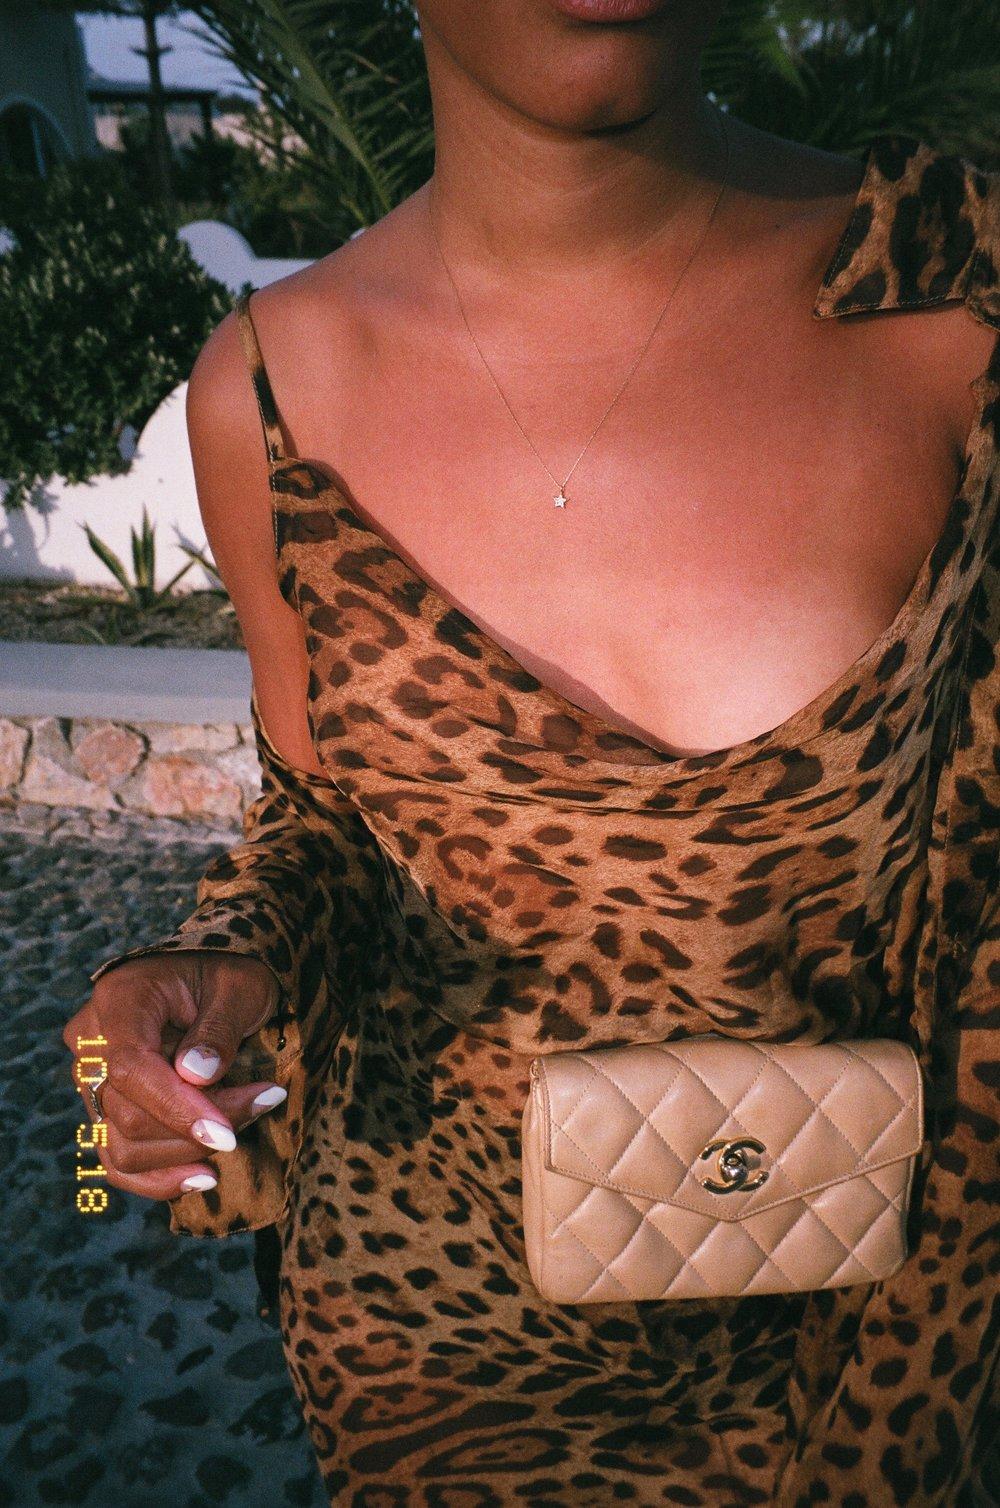 Wearing Rat&Boa Dress & Shirt + Vintage Chanel Belt Bag.